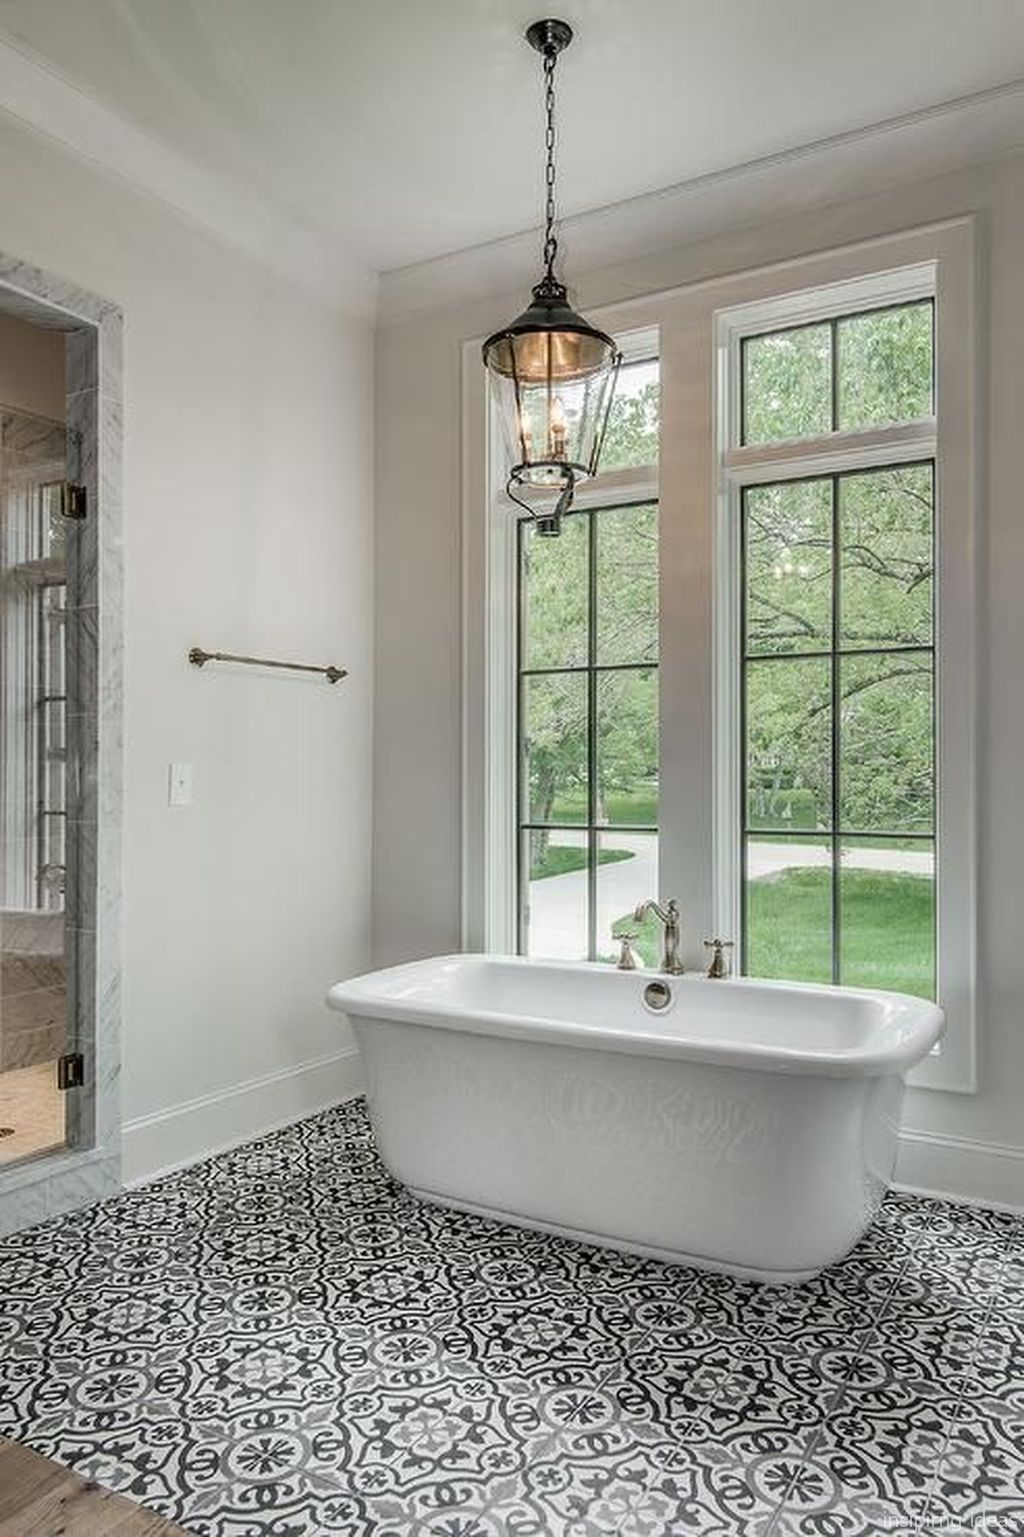 Adorable 67 Incredible Modern Farmhouse Bathroom Tile Ideas Https Lovelyving Com 2018 03 2 Mediterranean Bathroom Vintage Bathroom Floor White Bathroom Tiles